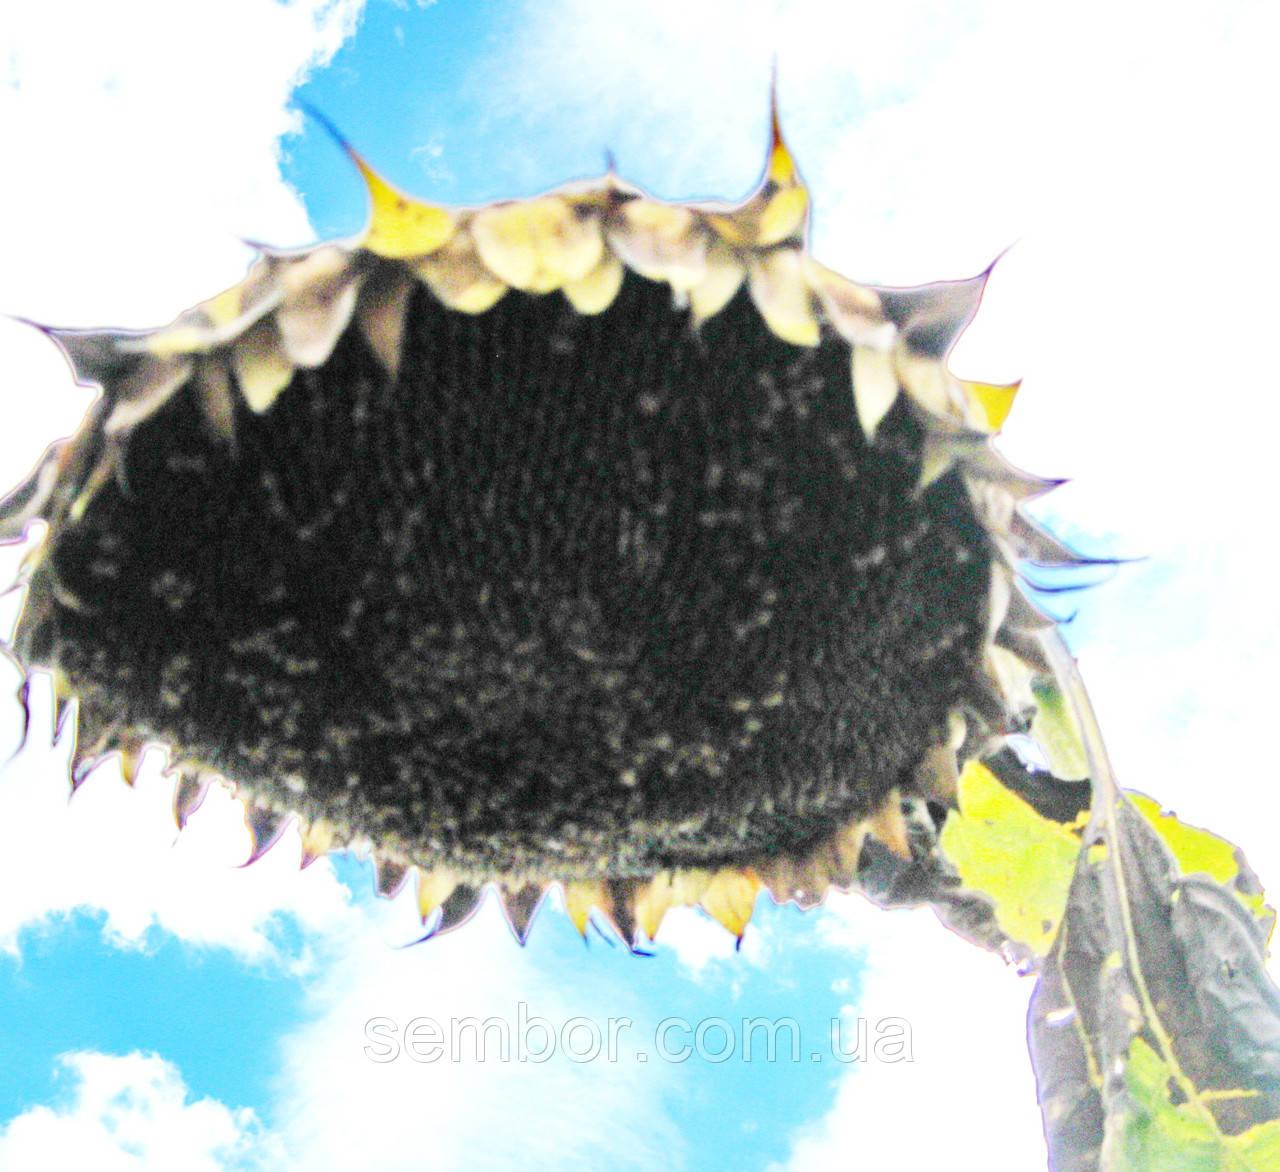 Соняшник посівної Хорнет універсальний гібрид